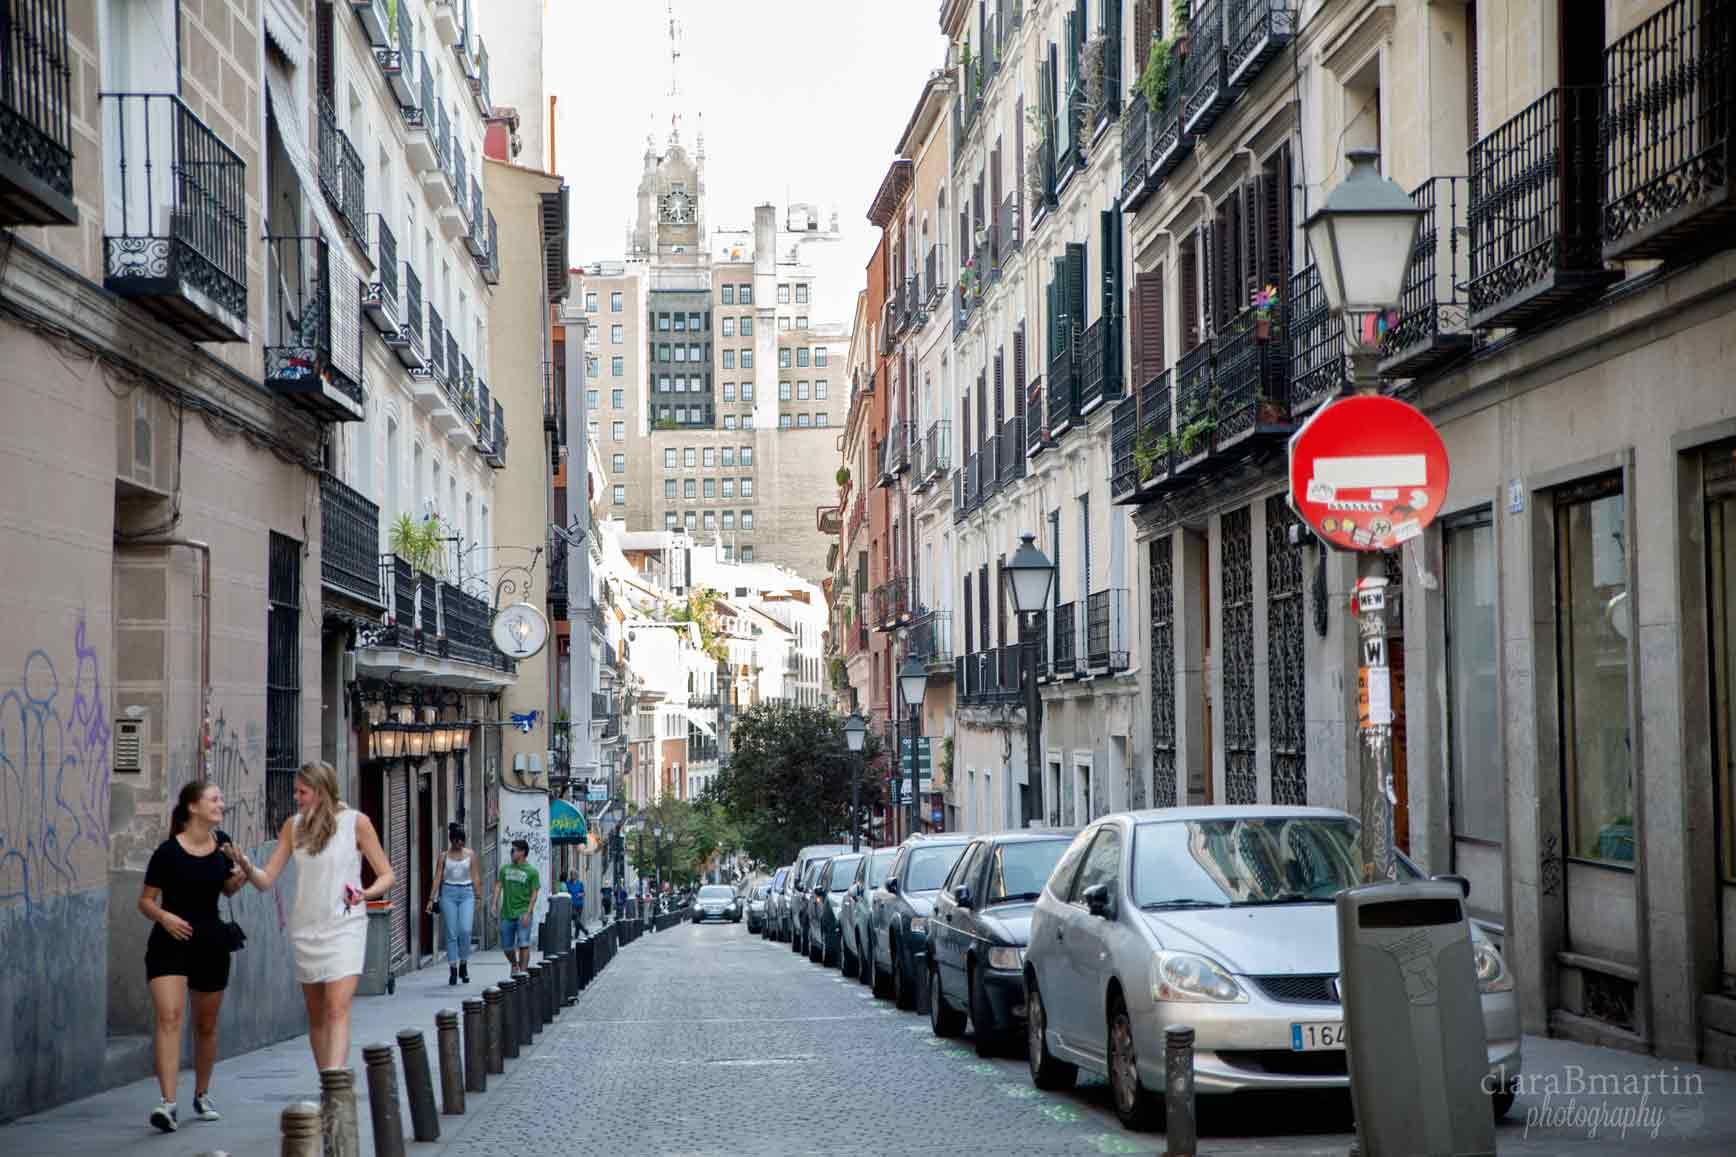 Madrid-en-verano-claraBmartin18